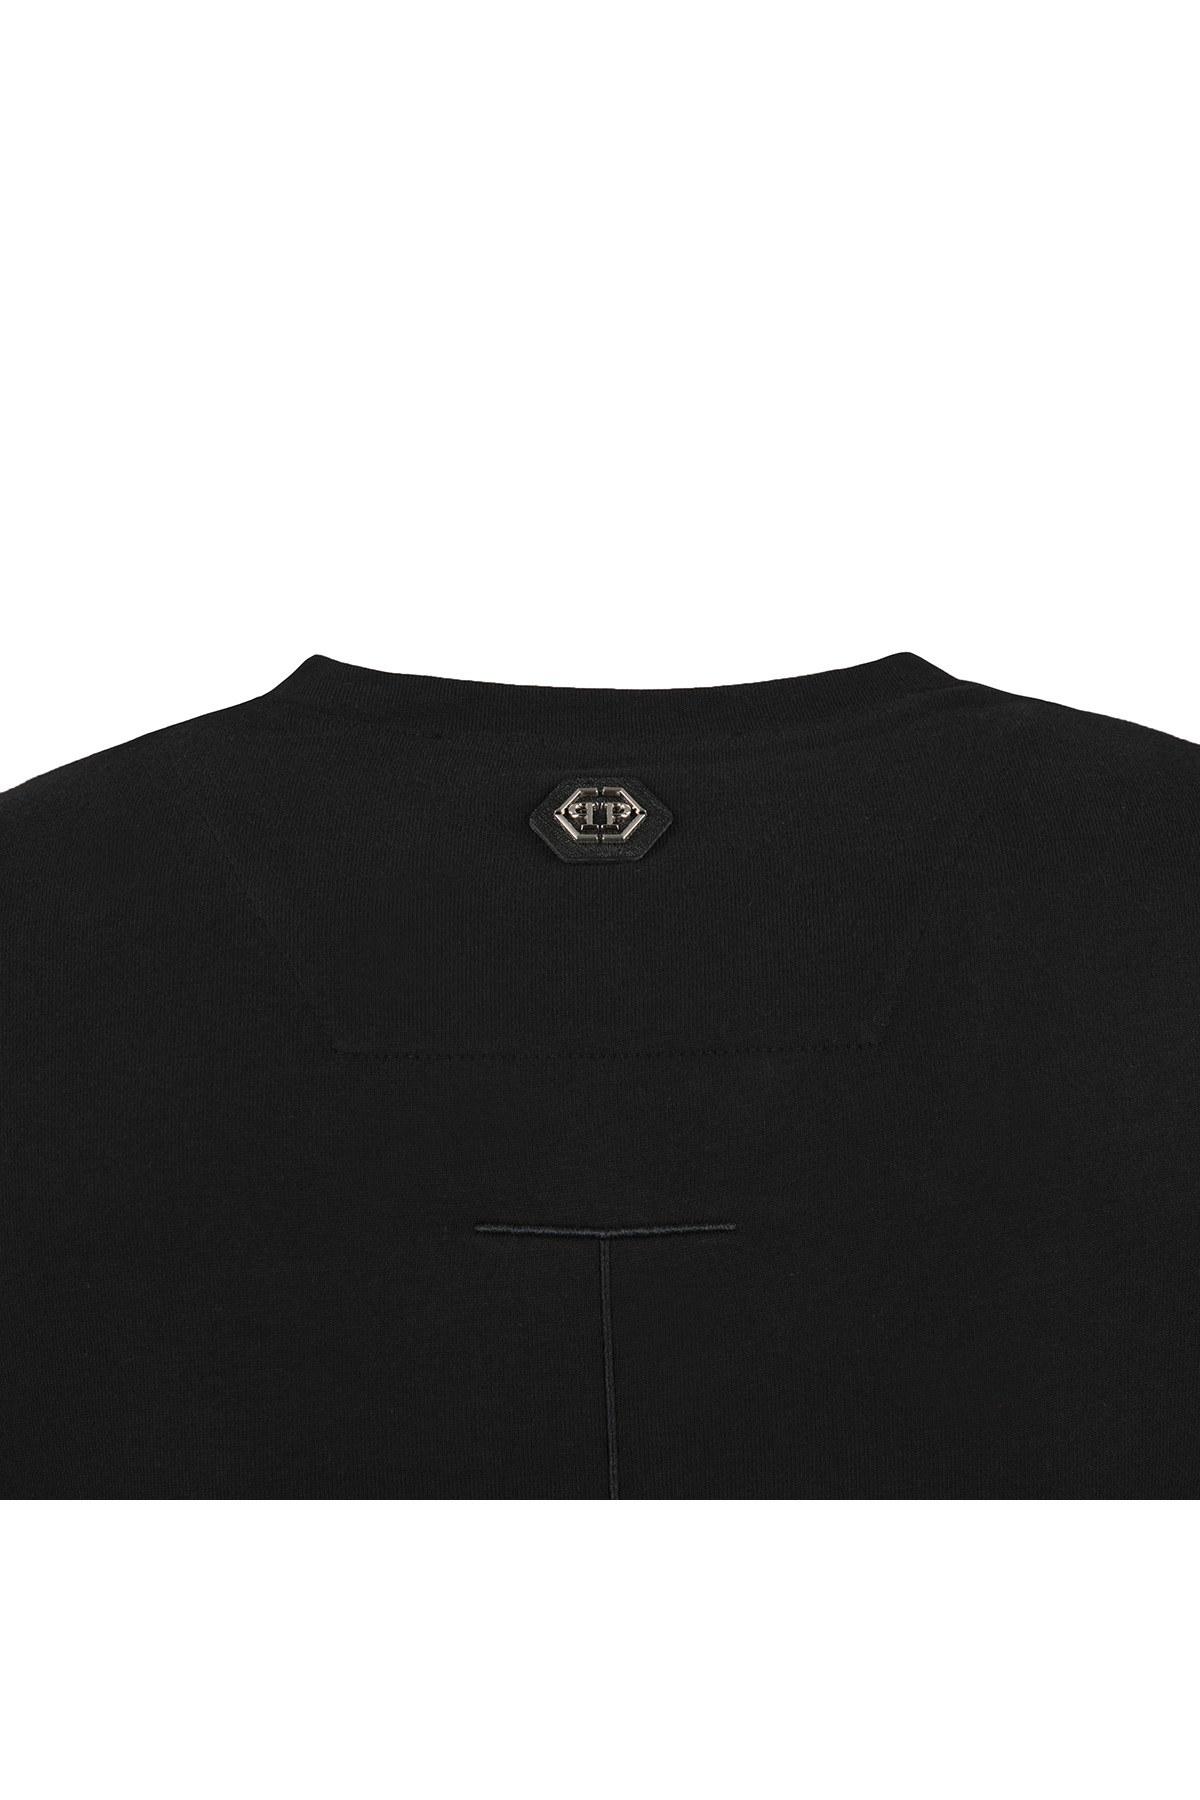 PHILIPP PLEIN T SHIRT Erkek T Shirt F18C MTK2433 PJY002N 02 SİYAH